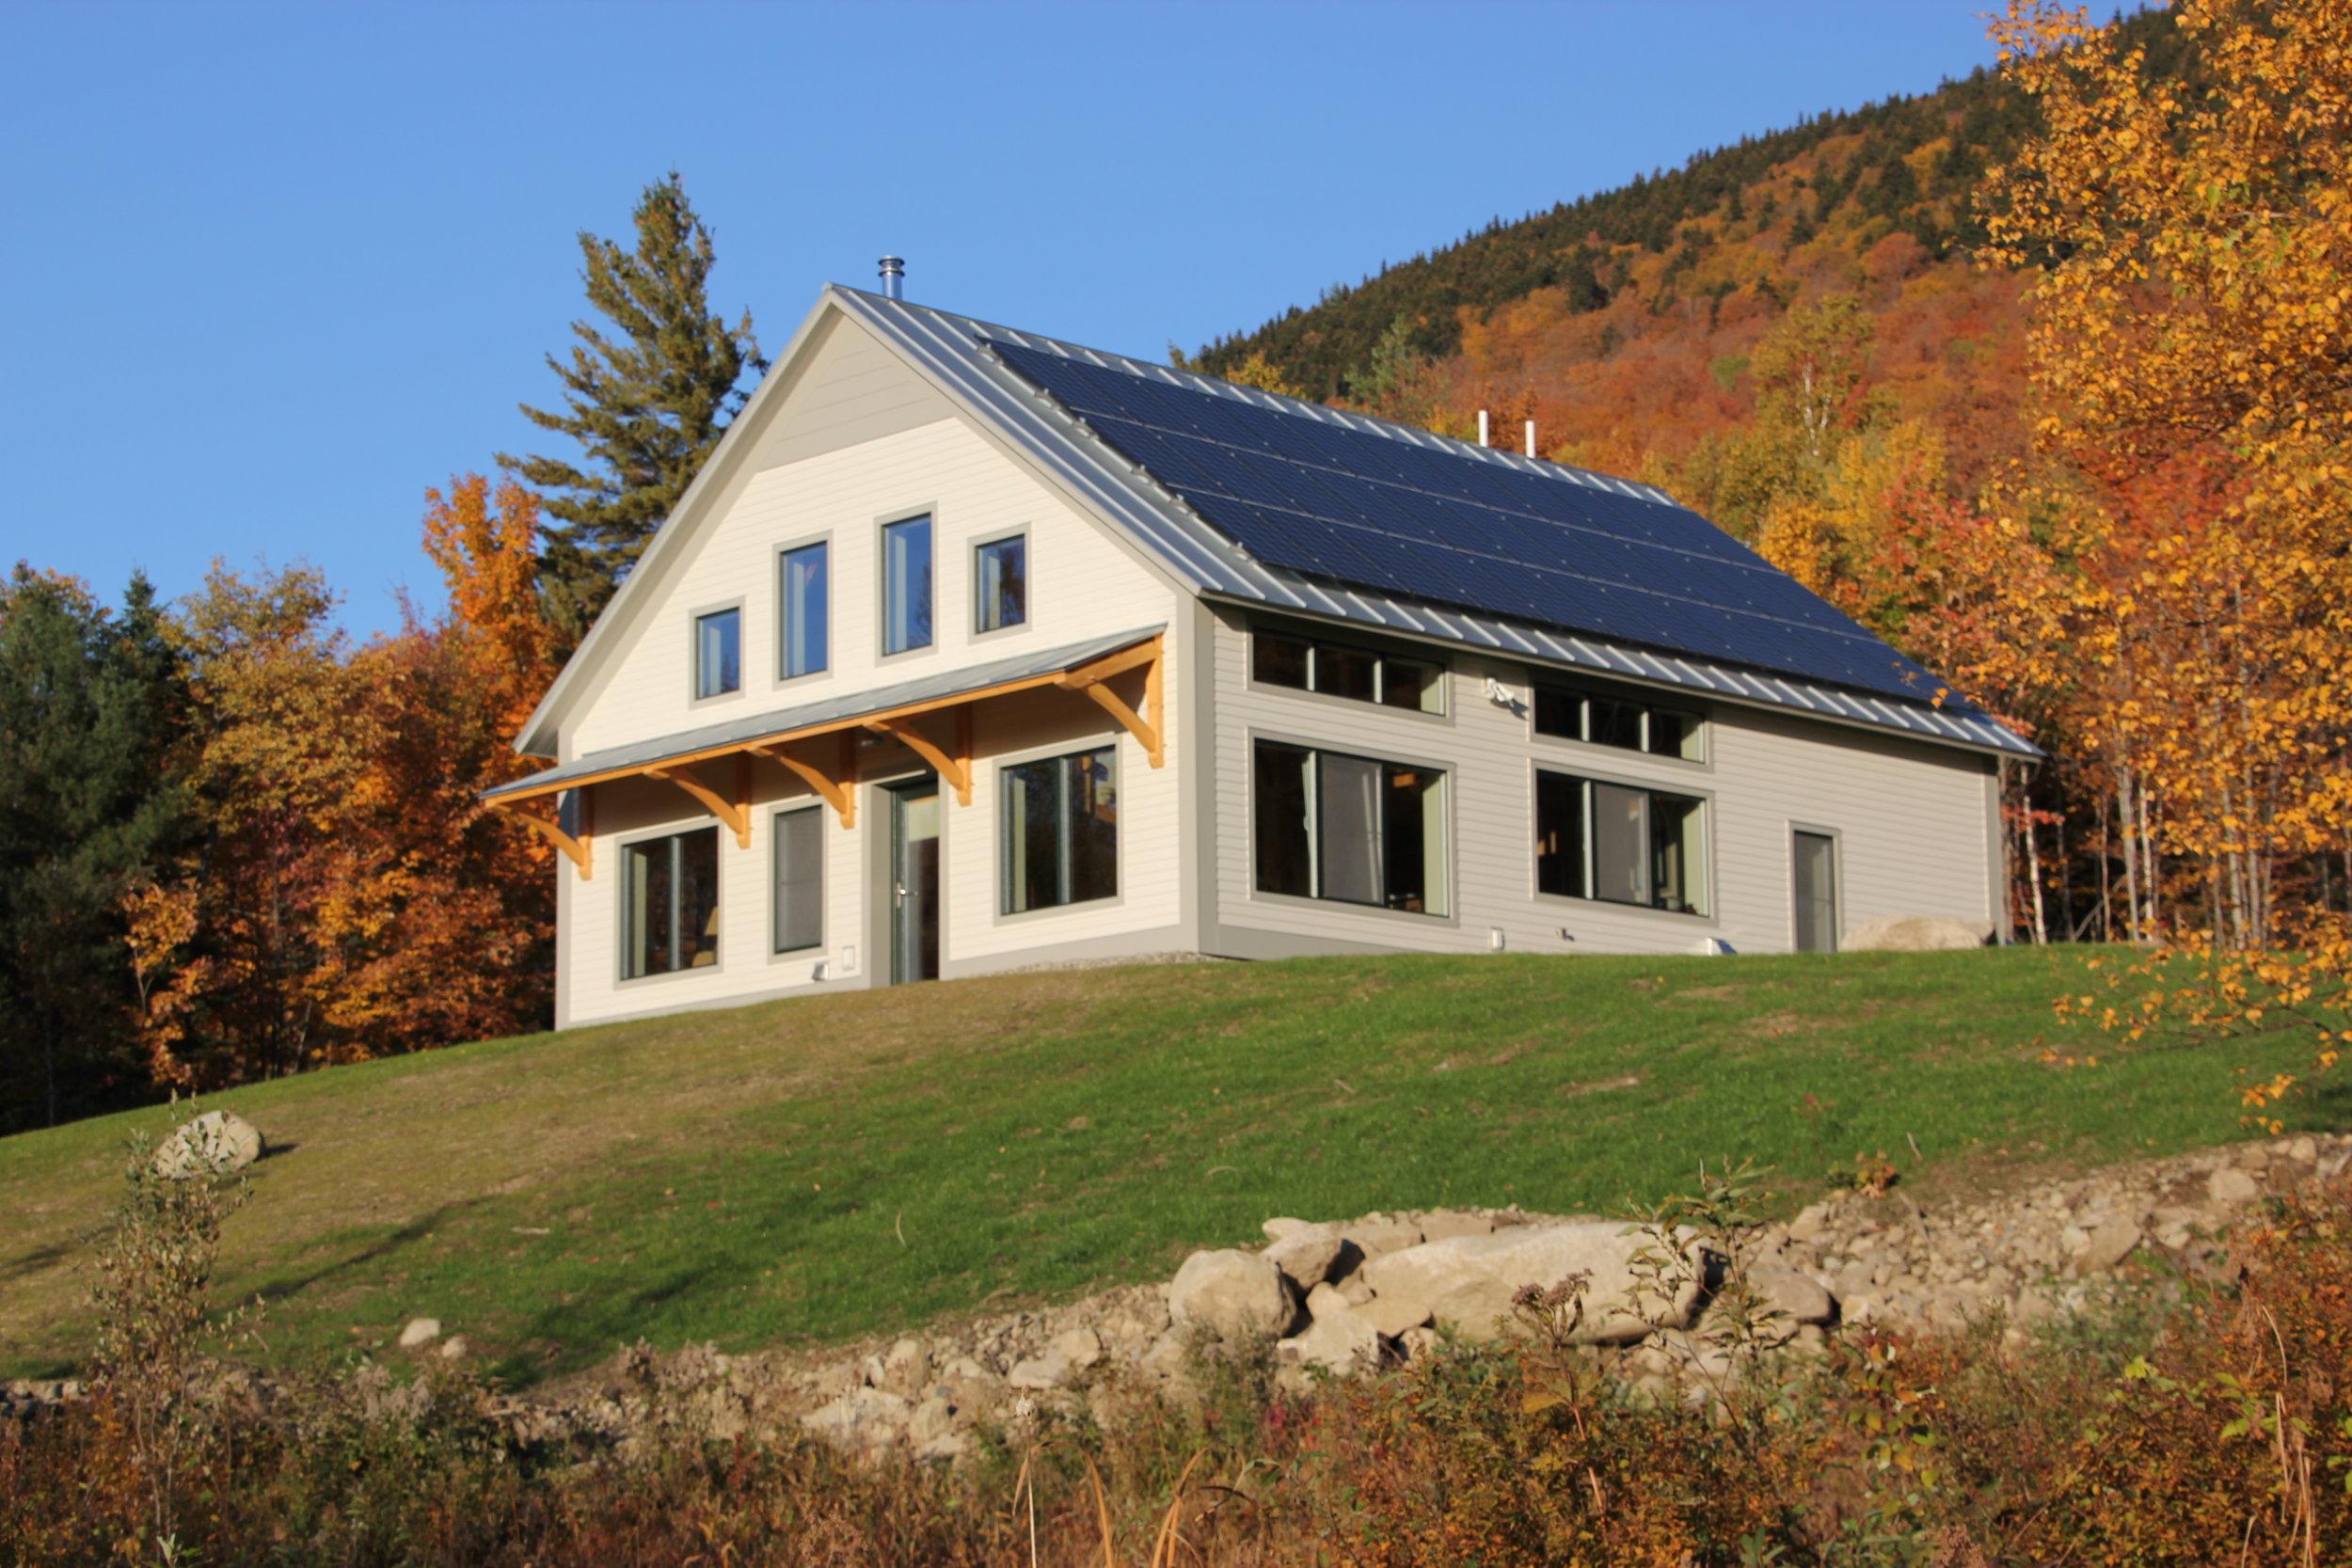 2015-10-15 Szauter Residence 1.JPG